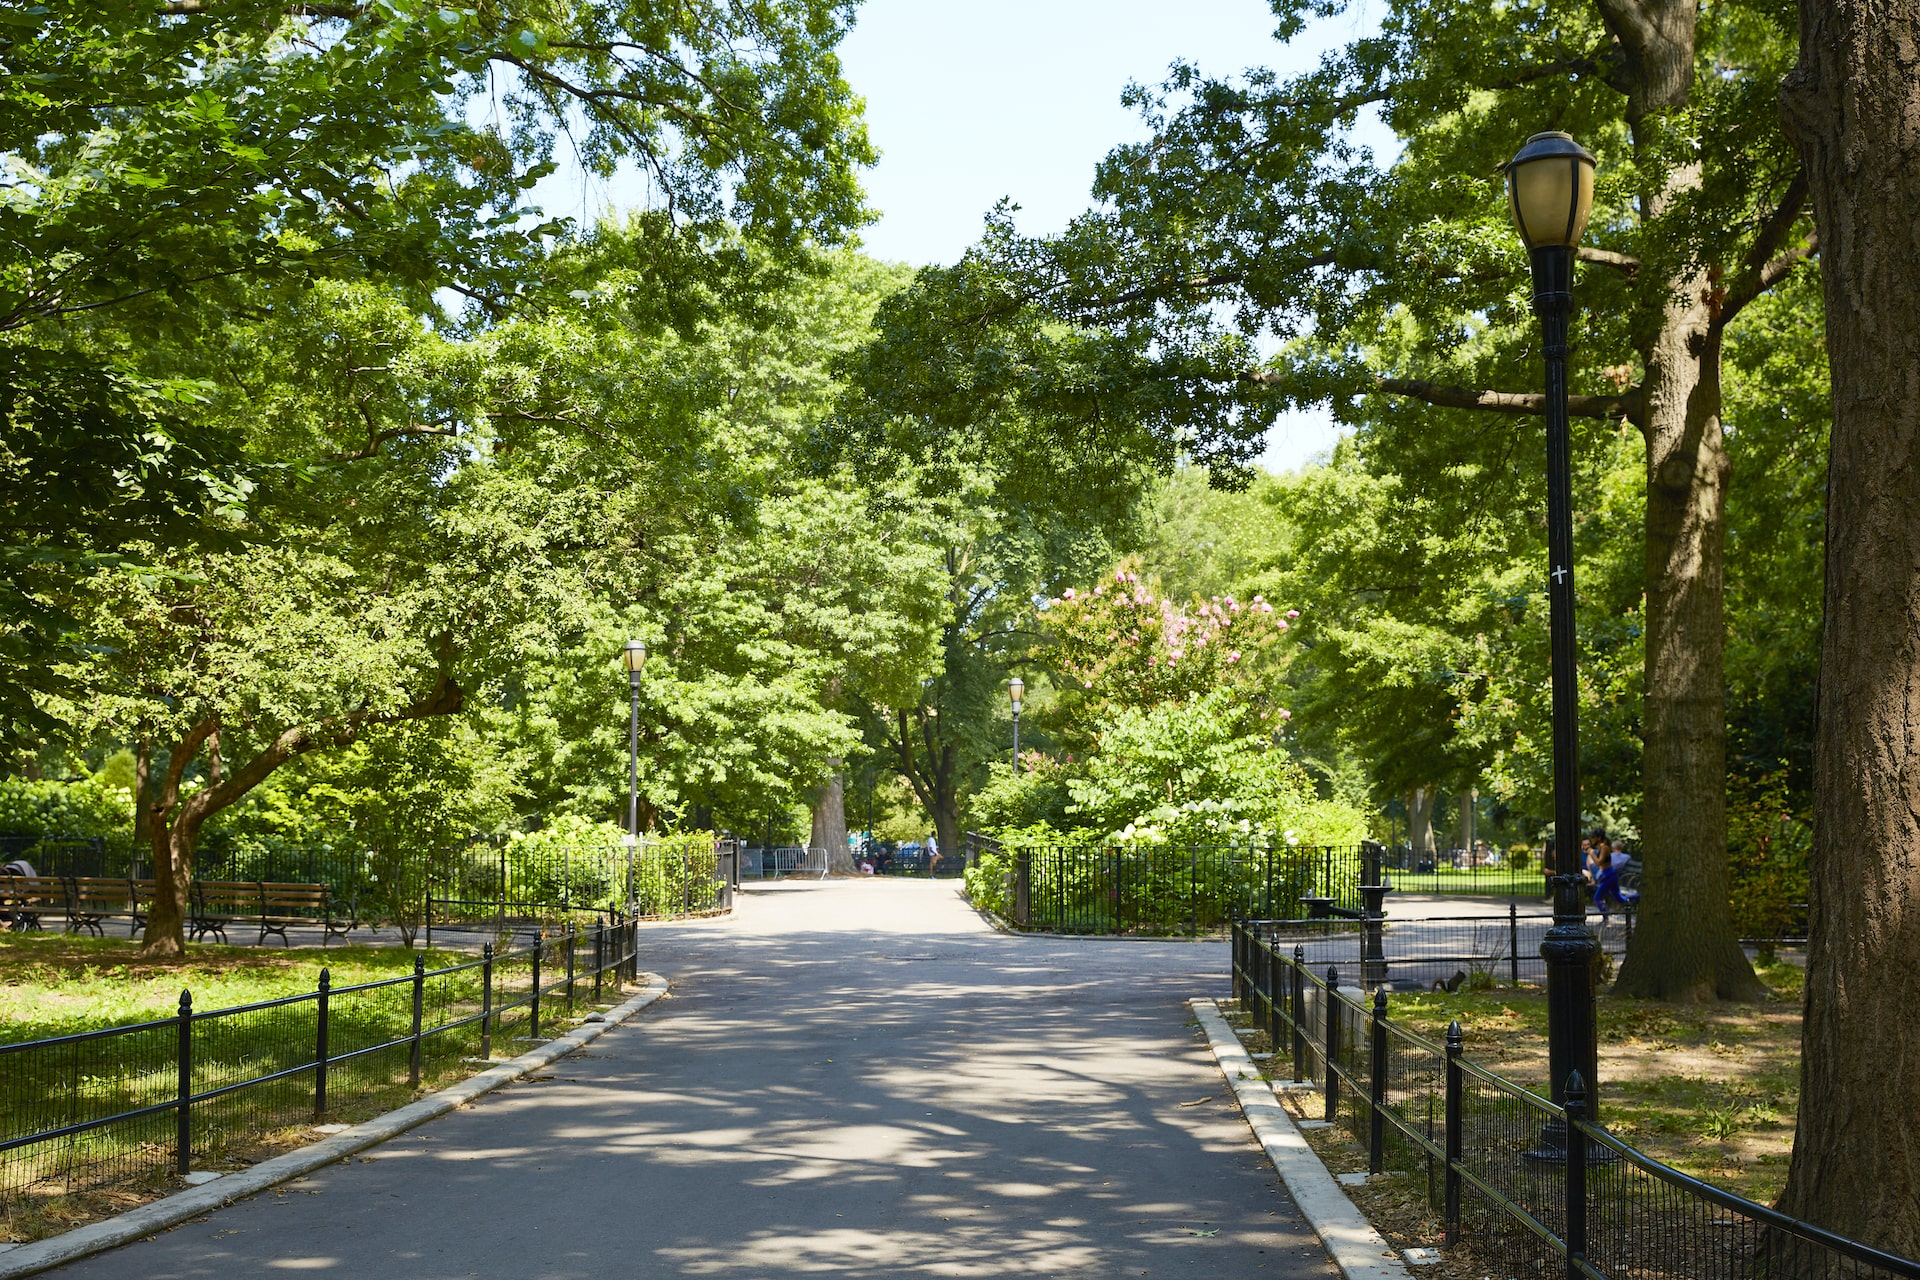 East Village Park